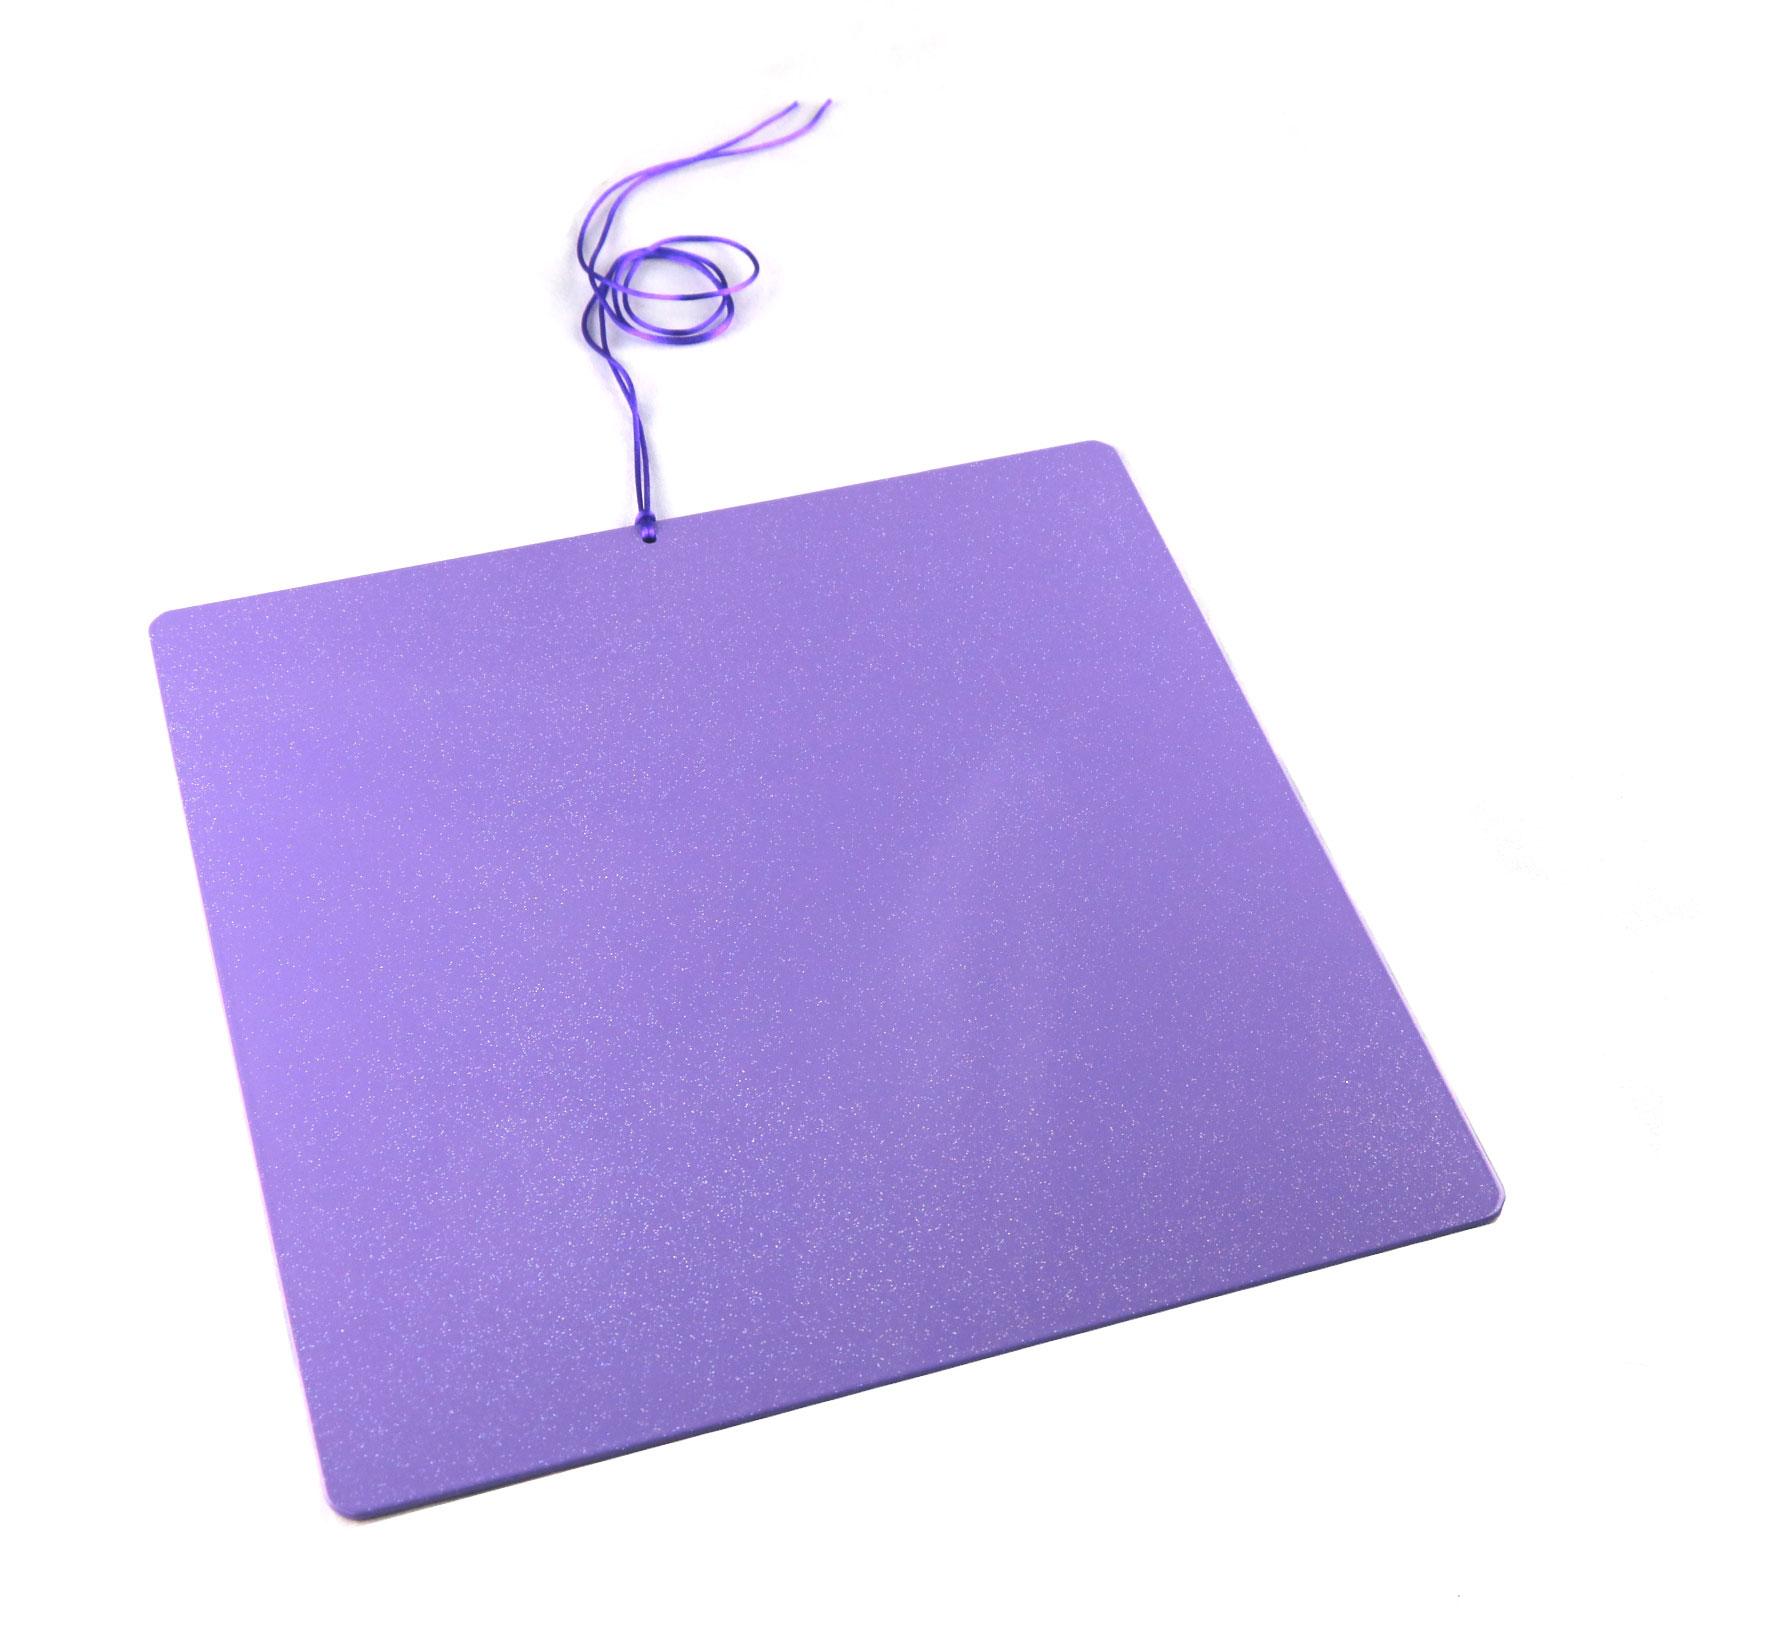 Piastre Di Tesla Funzionano piastra di tesla purpurea sunny - grande quadrata